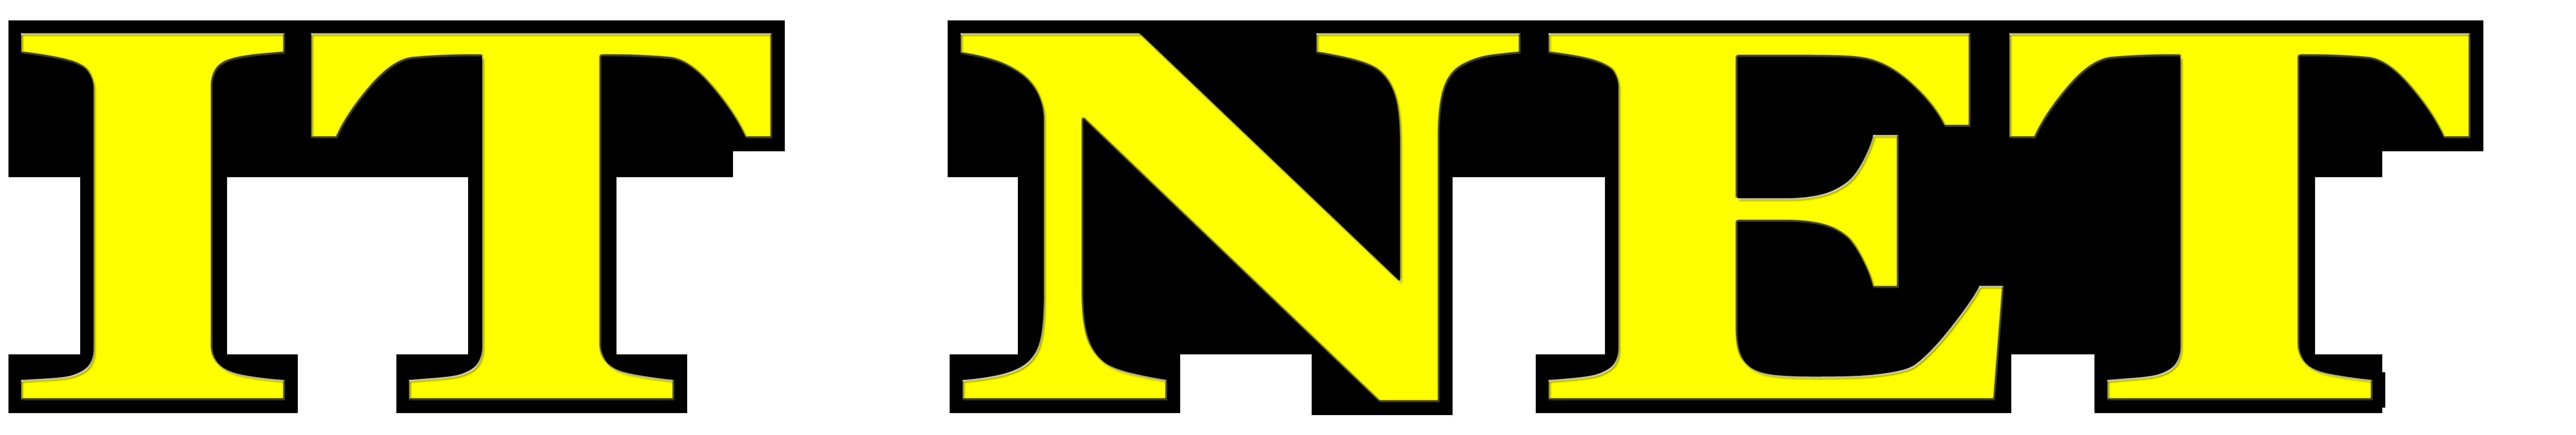 IT NET ENTERPRISE